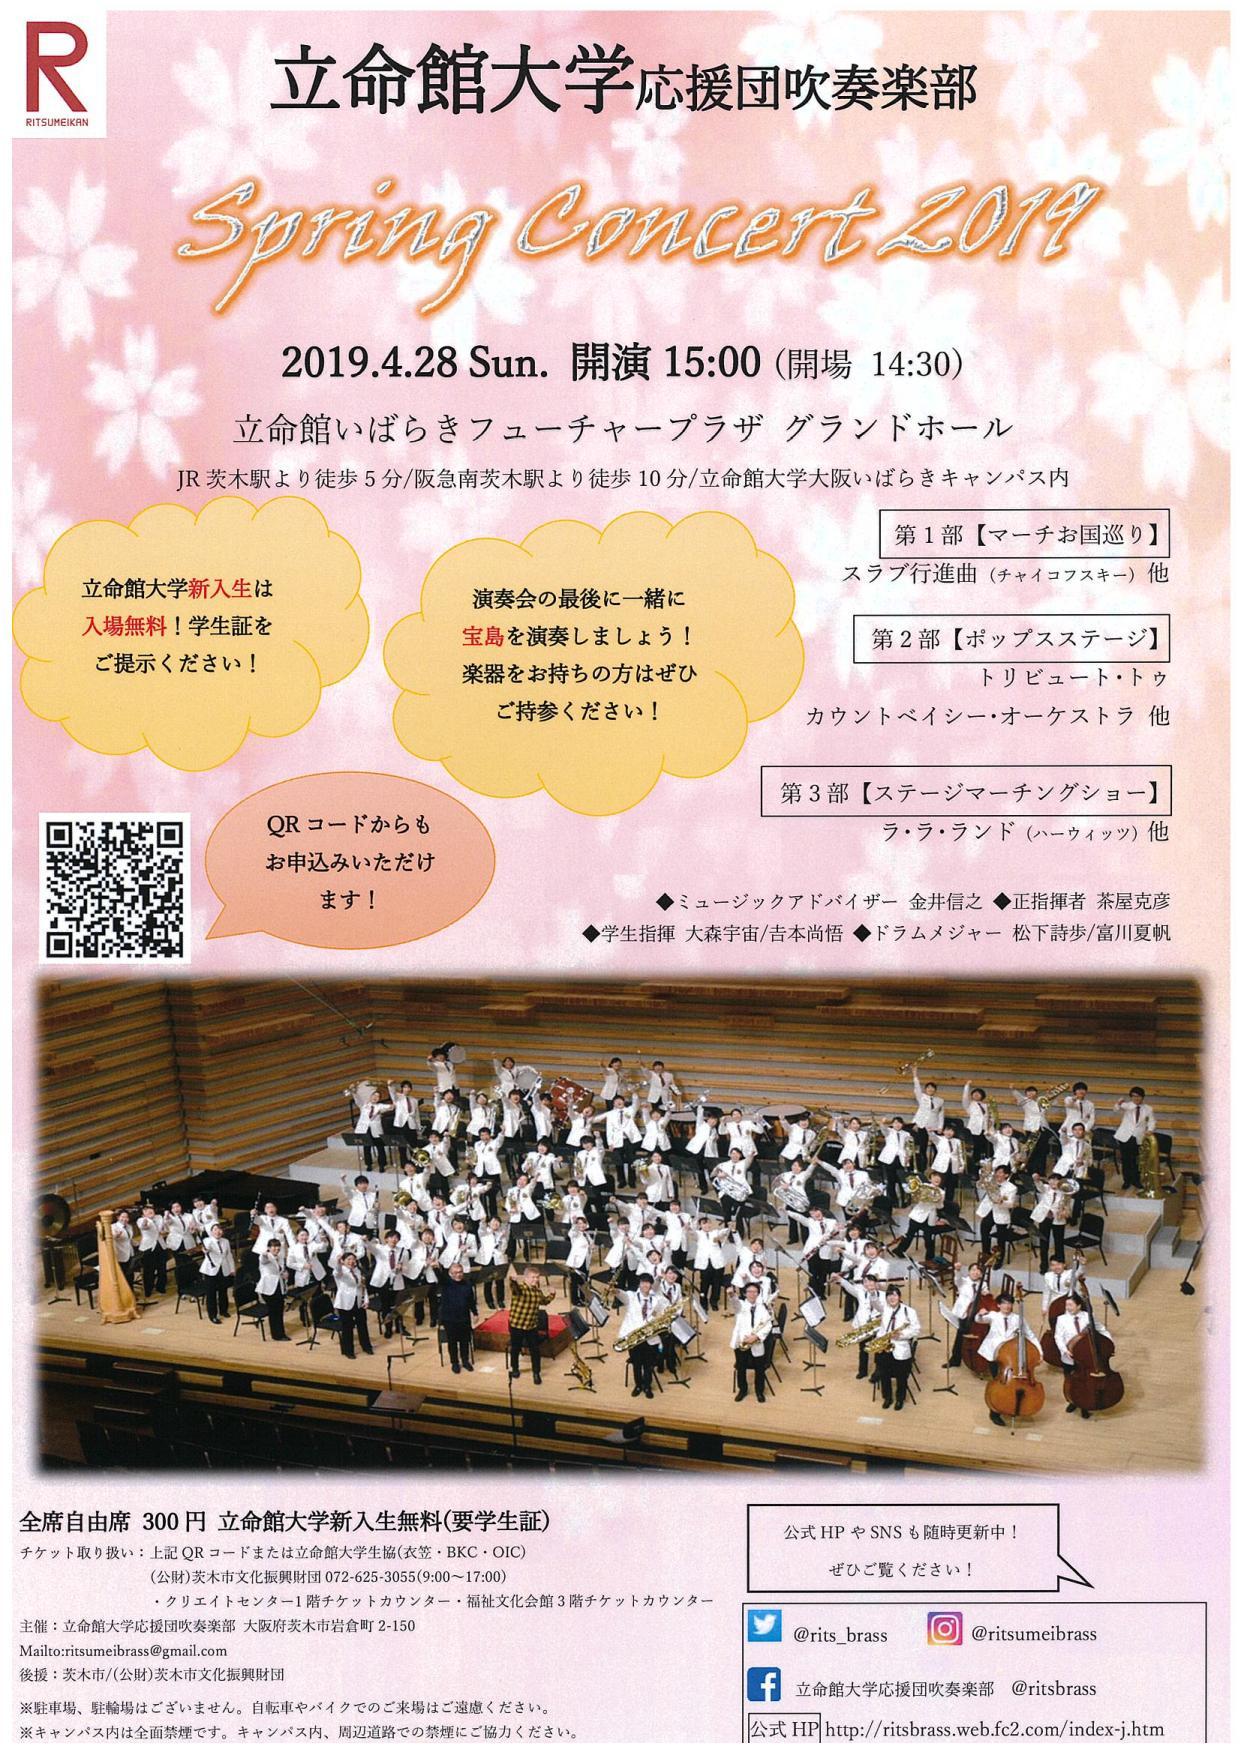 立命館大学応援団吹奏楽部 Spring Concert 2019